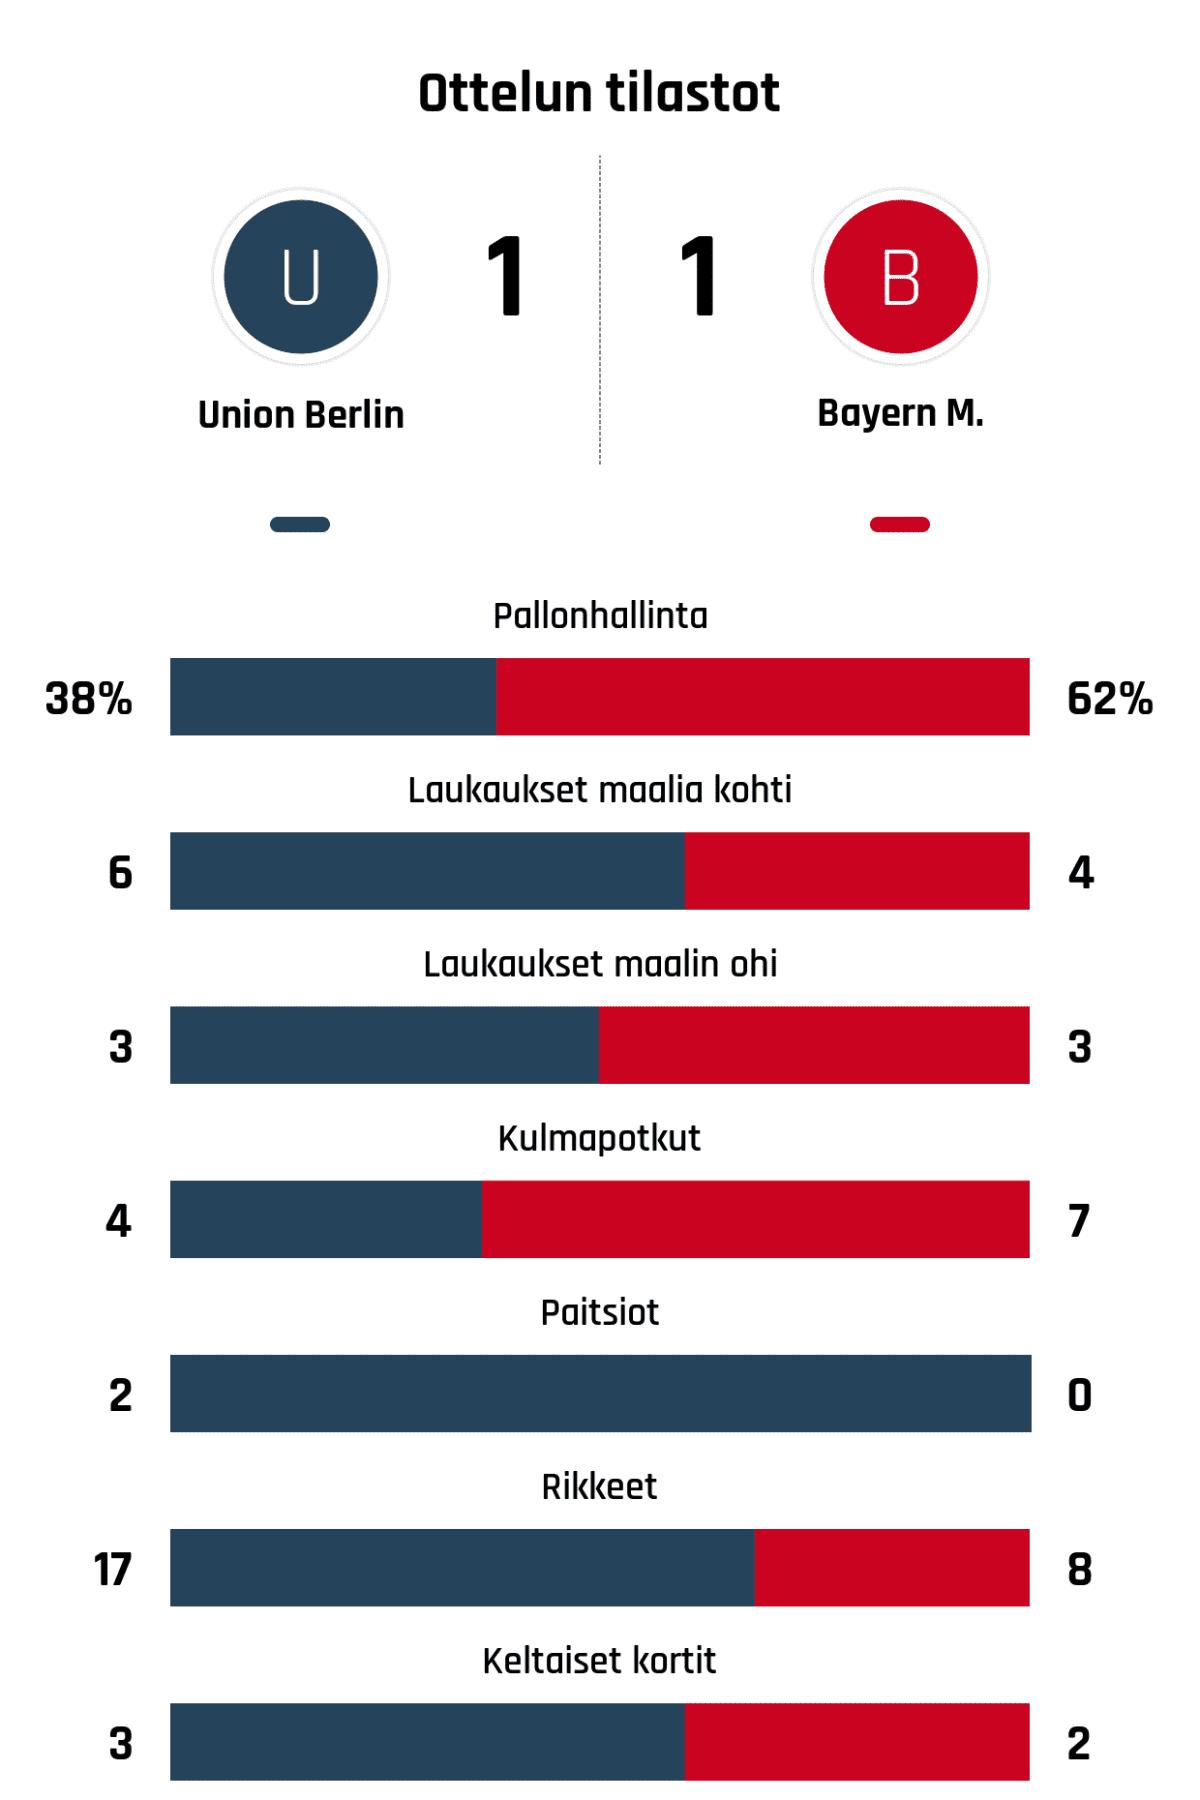 Pallonhallinta 38%-62% Laukaukset maalia kohti 6-4 Laukaukset maalin ohi 3-3 Kulmapotkut 4-7 Paitsiot 2-0 Rikkeet 17-8 Keltaiset kortit 3-2